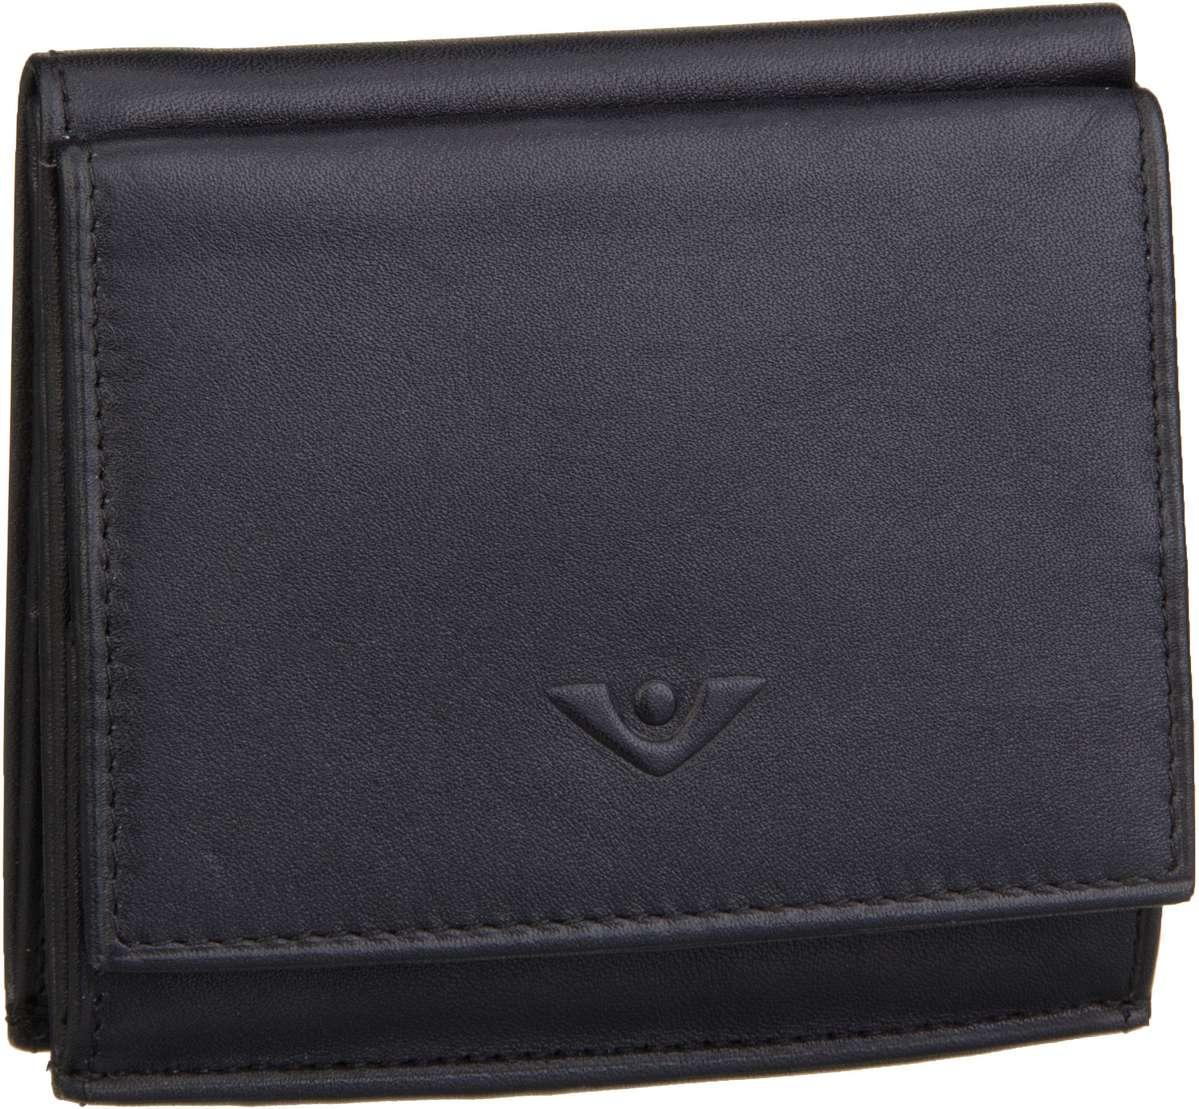 Geldboersen für Frauen - Voi Geldbörse Soft 70024 Wienerschachtel Schwarz  - Onlineshop Taschenkaufhaus